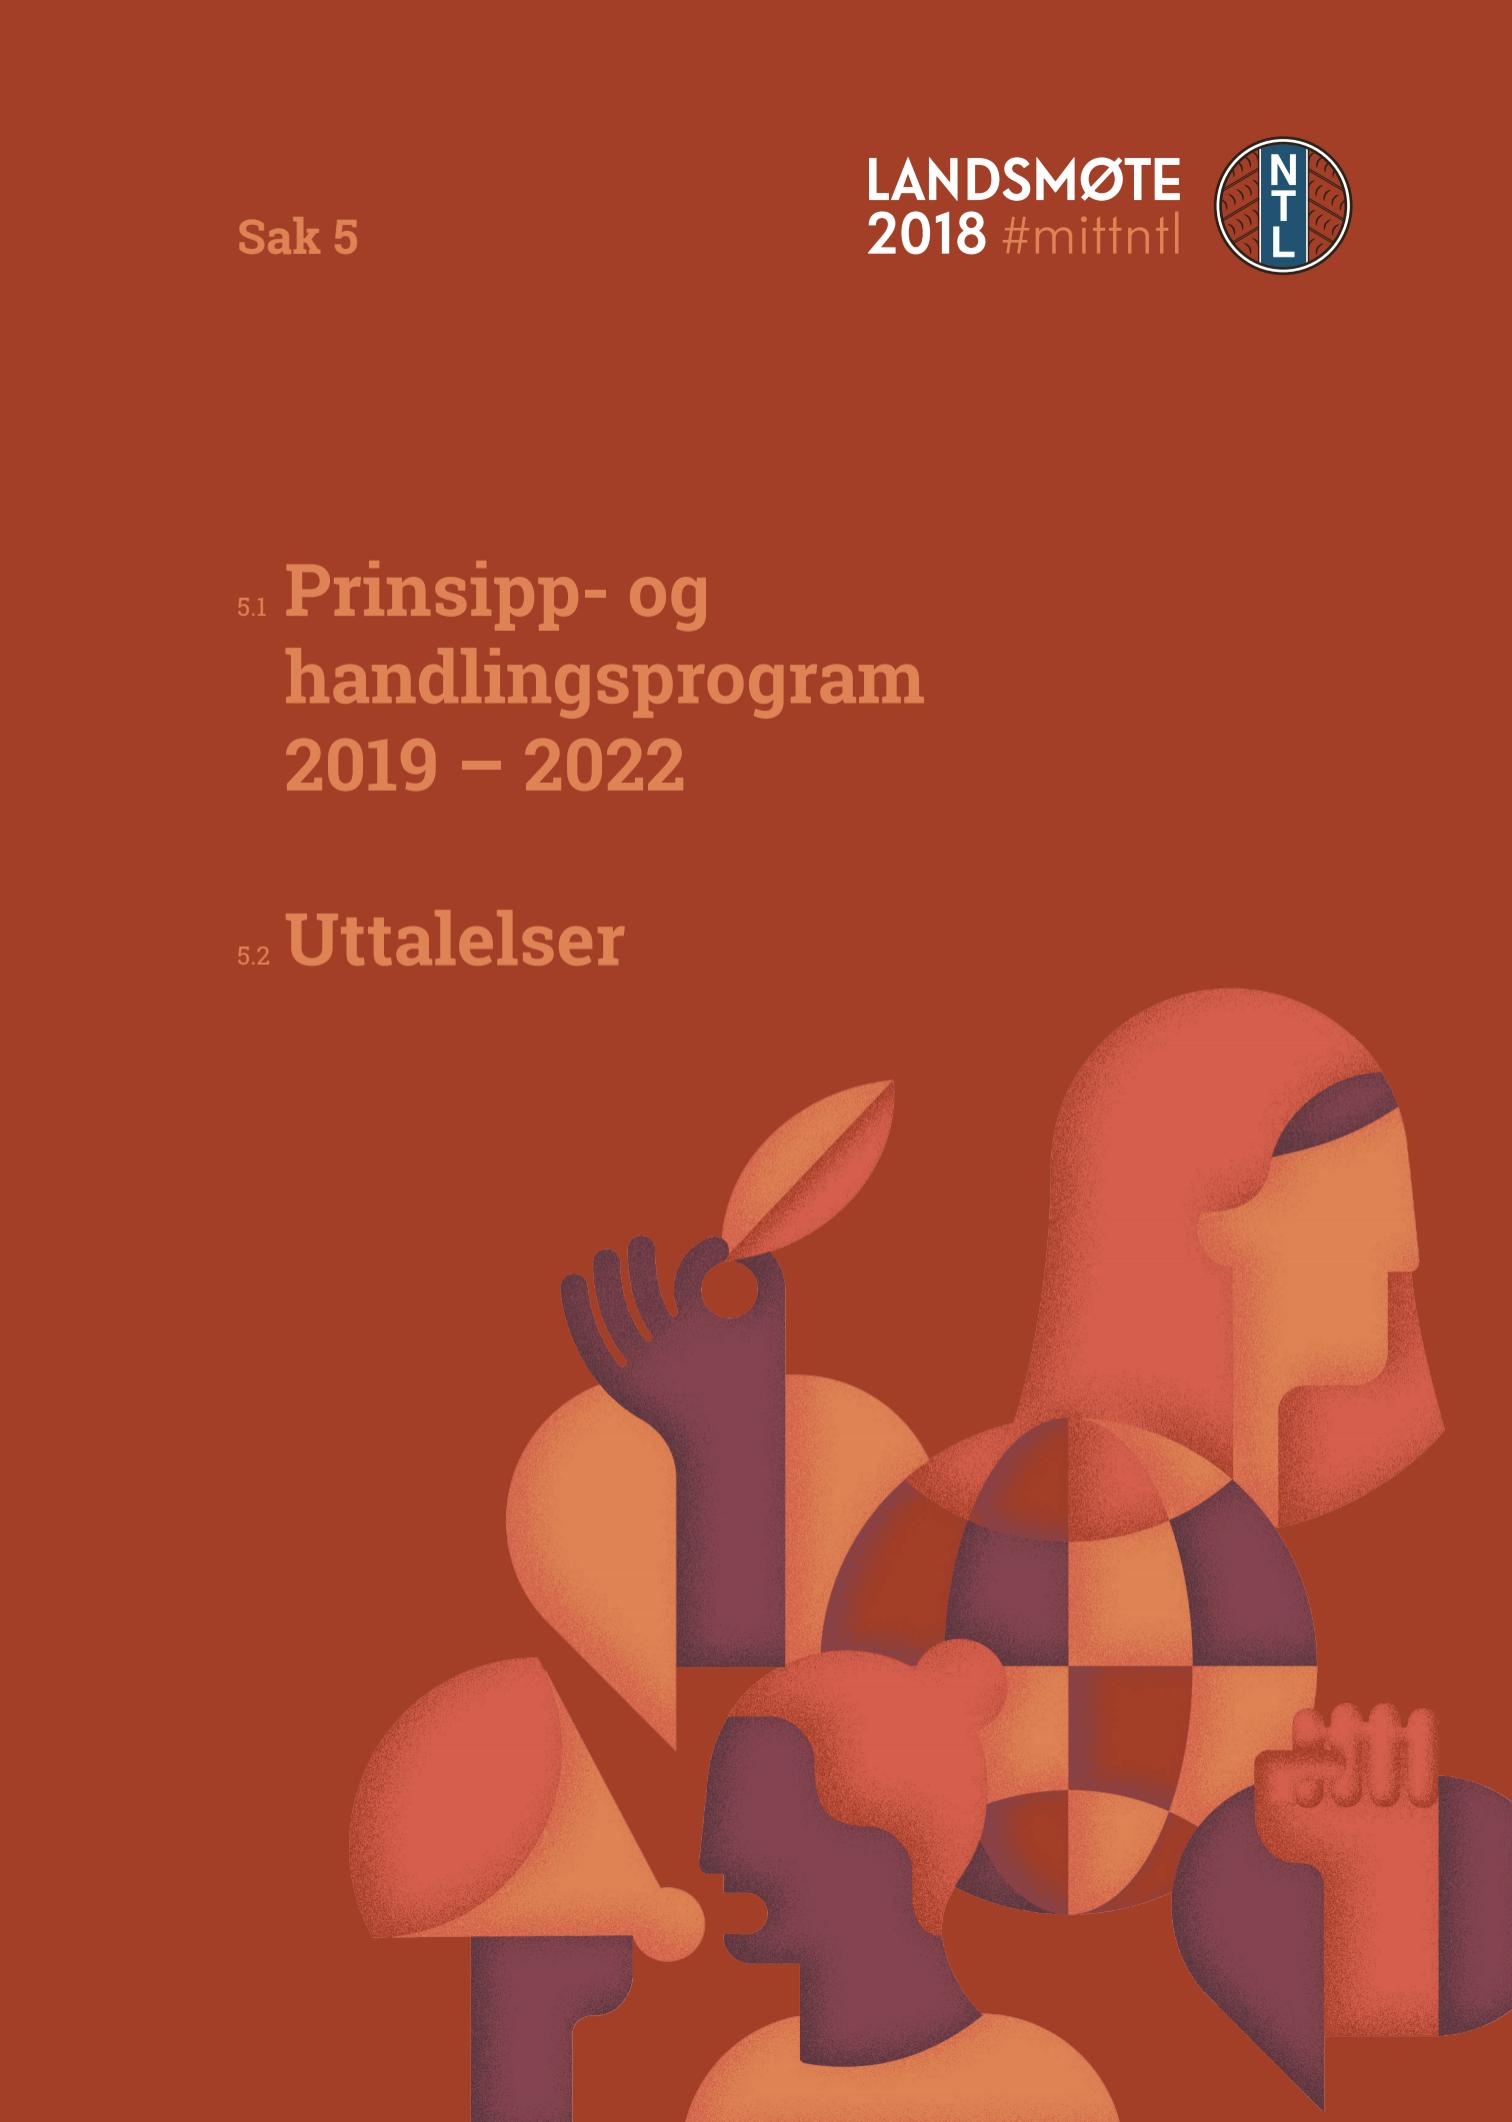 Prinsipp og handlingsprogram 2019-2022 herunder uttalelser - Last ned:5.1 Prinsipp- og handlingsprogram5.2 Uttalelser (kommer etter landsstyrets møte i oktober)